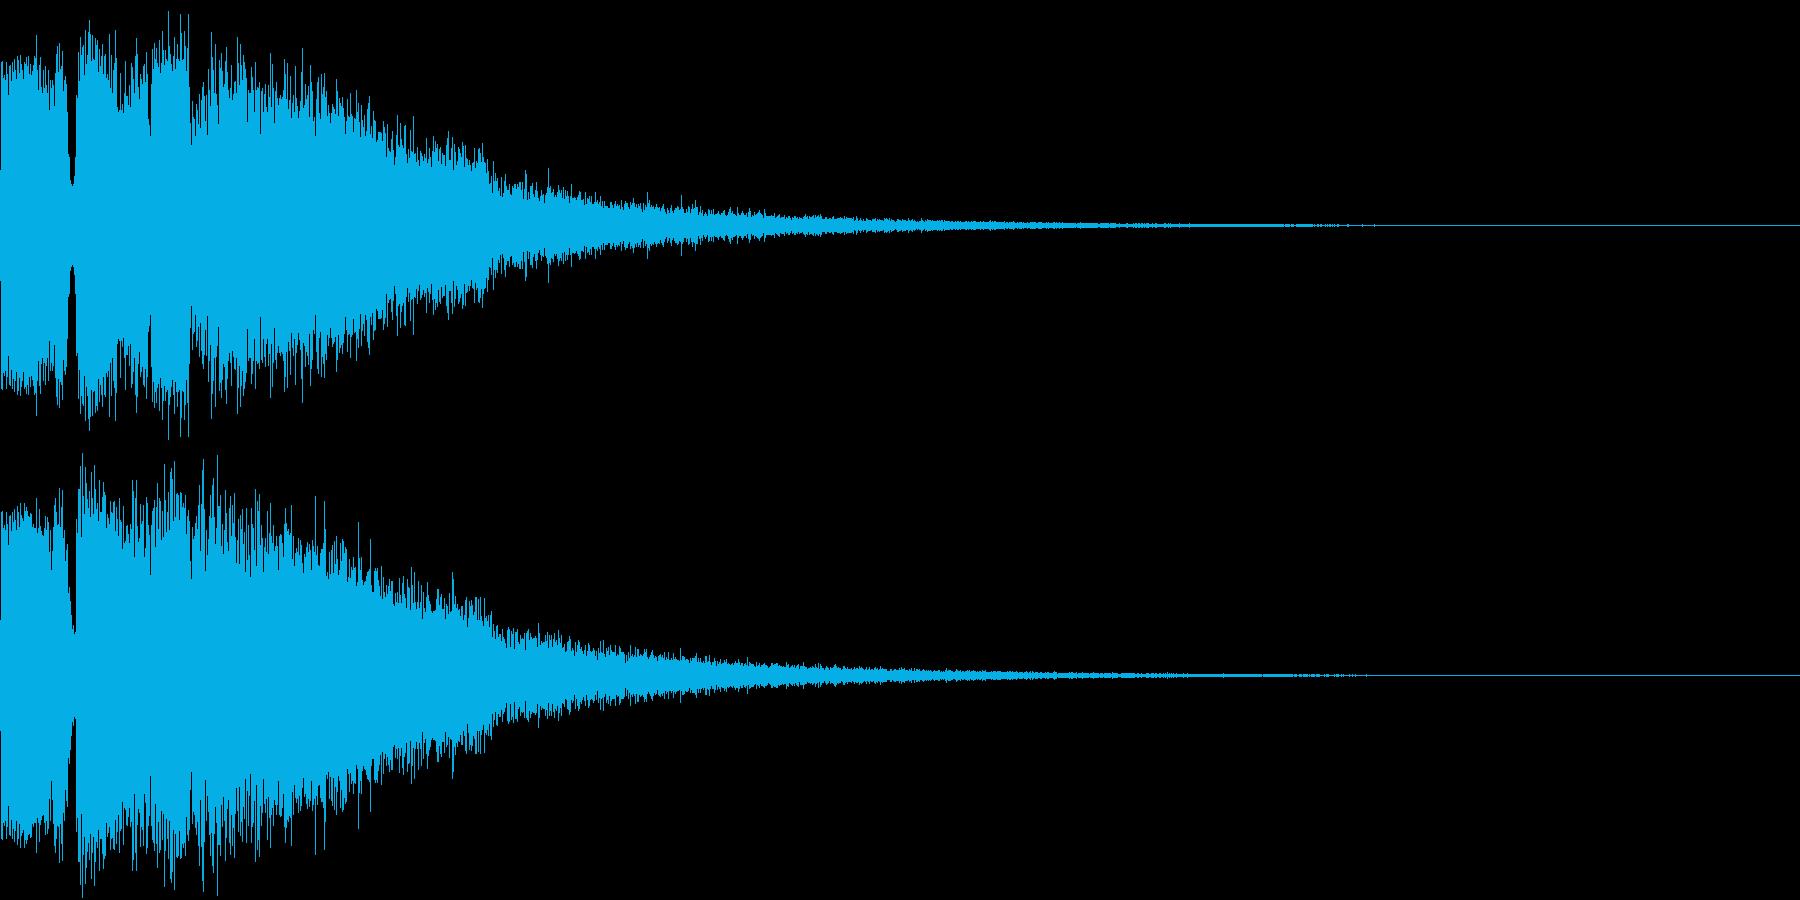 ピコピコ キューン ヒューン シューンAの再生済みの波形